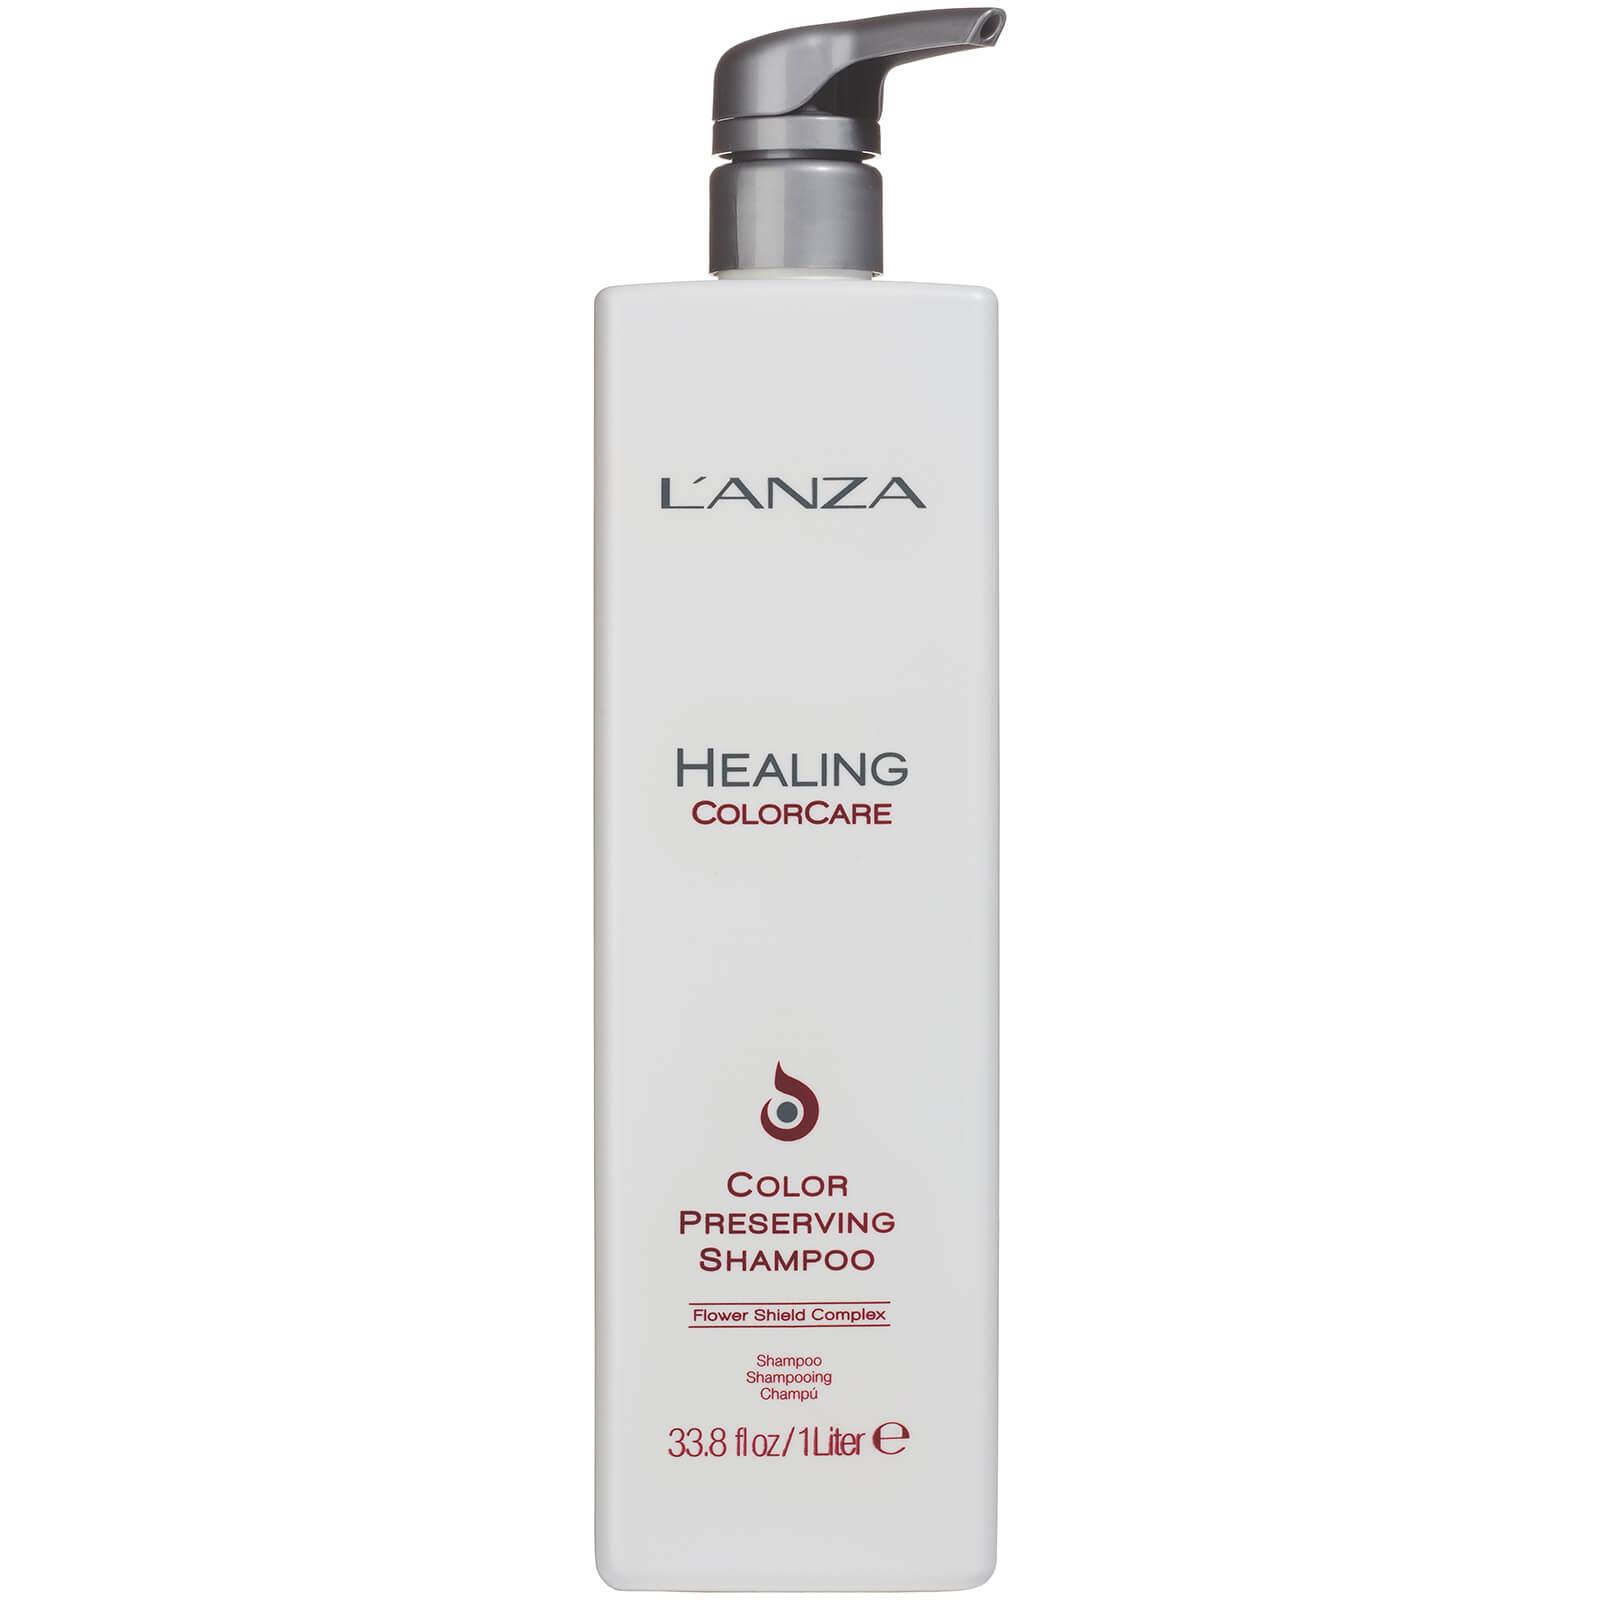 L'Anza Shampooing pour cheveux colorés  Healing Colorcare  de L'Anza (1 litre) - (valeur : 87€)